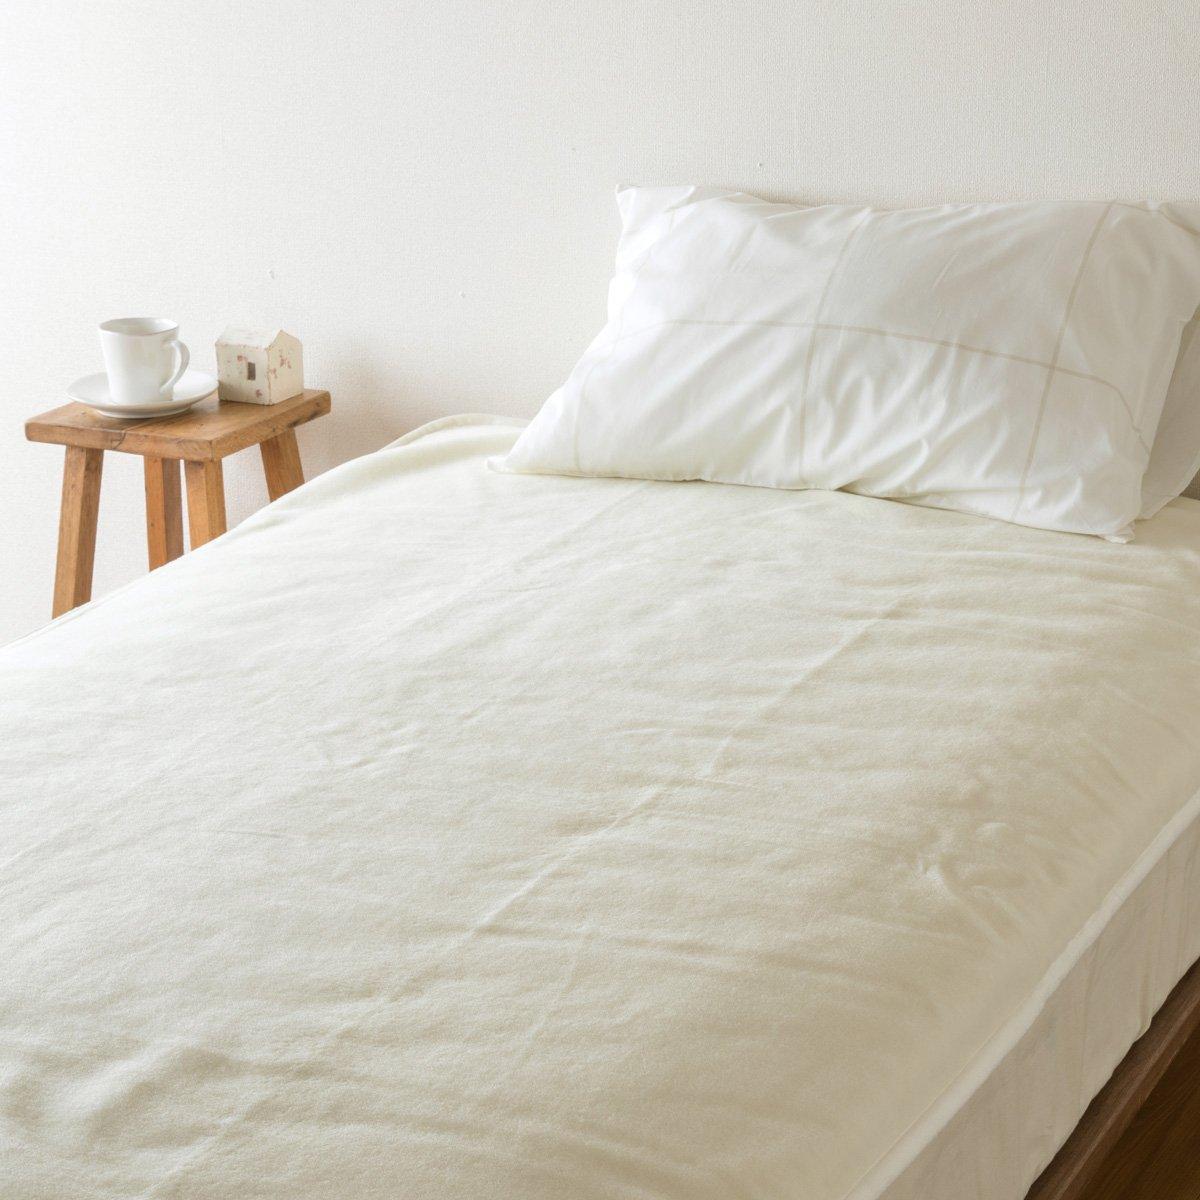 西川リビング ウール 敷き毛布 ダブルサイズ 吸湿 発熱 敷きパッド ウール100% 日本製 ベッドパッド 46999 アイボリー[72] B07KFR167Y